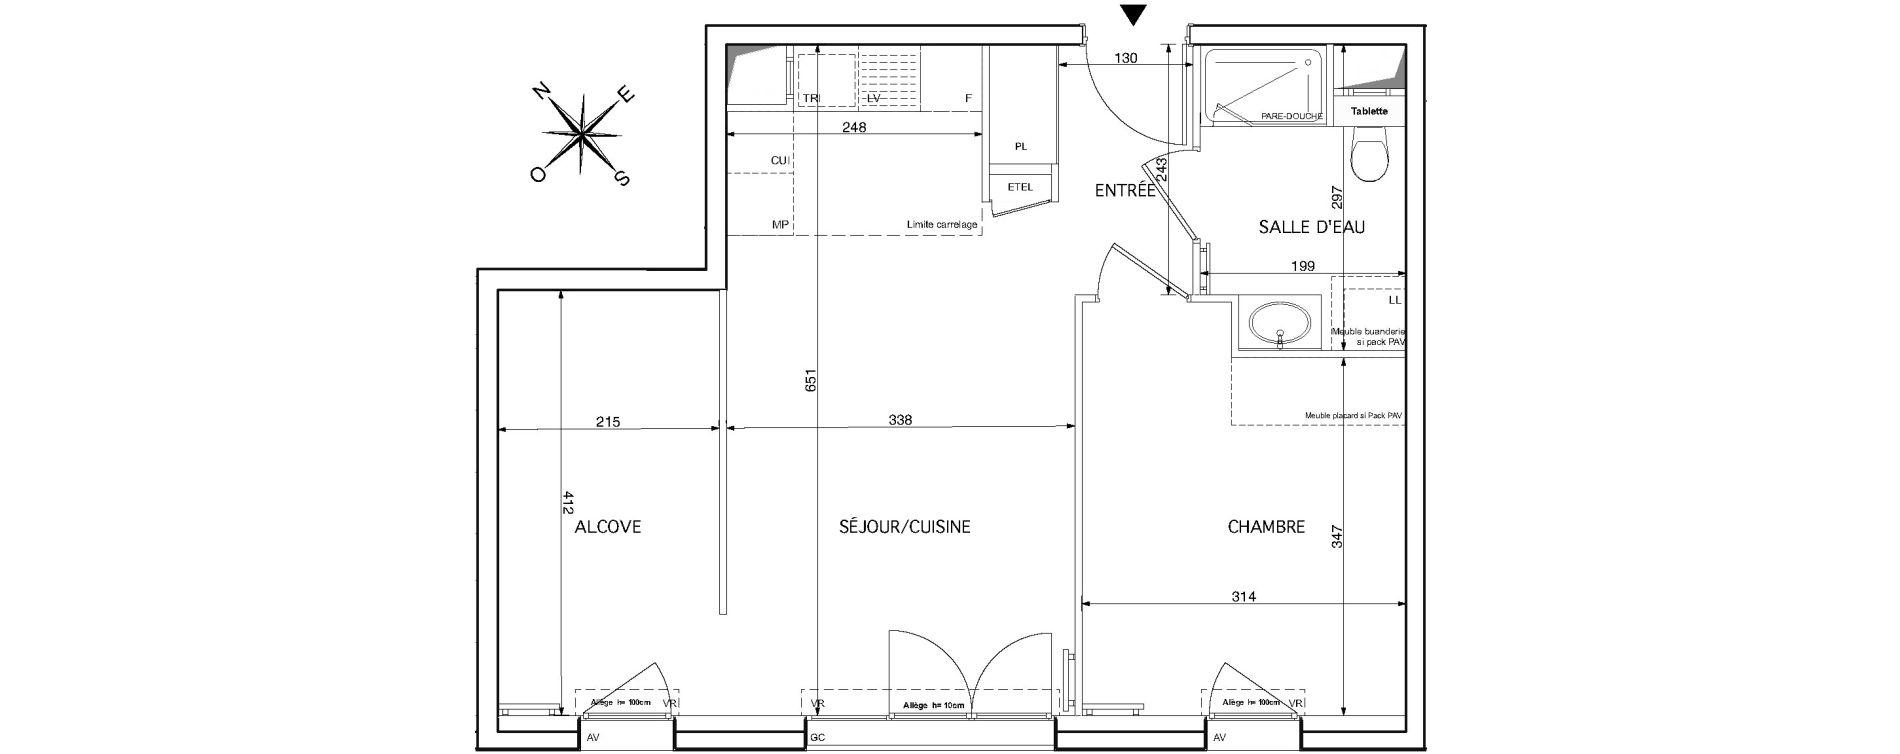 Appartement T2 de 49,90 m2 à Rueil-Malmaison Le mont-valérien